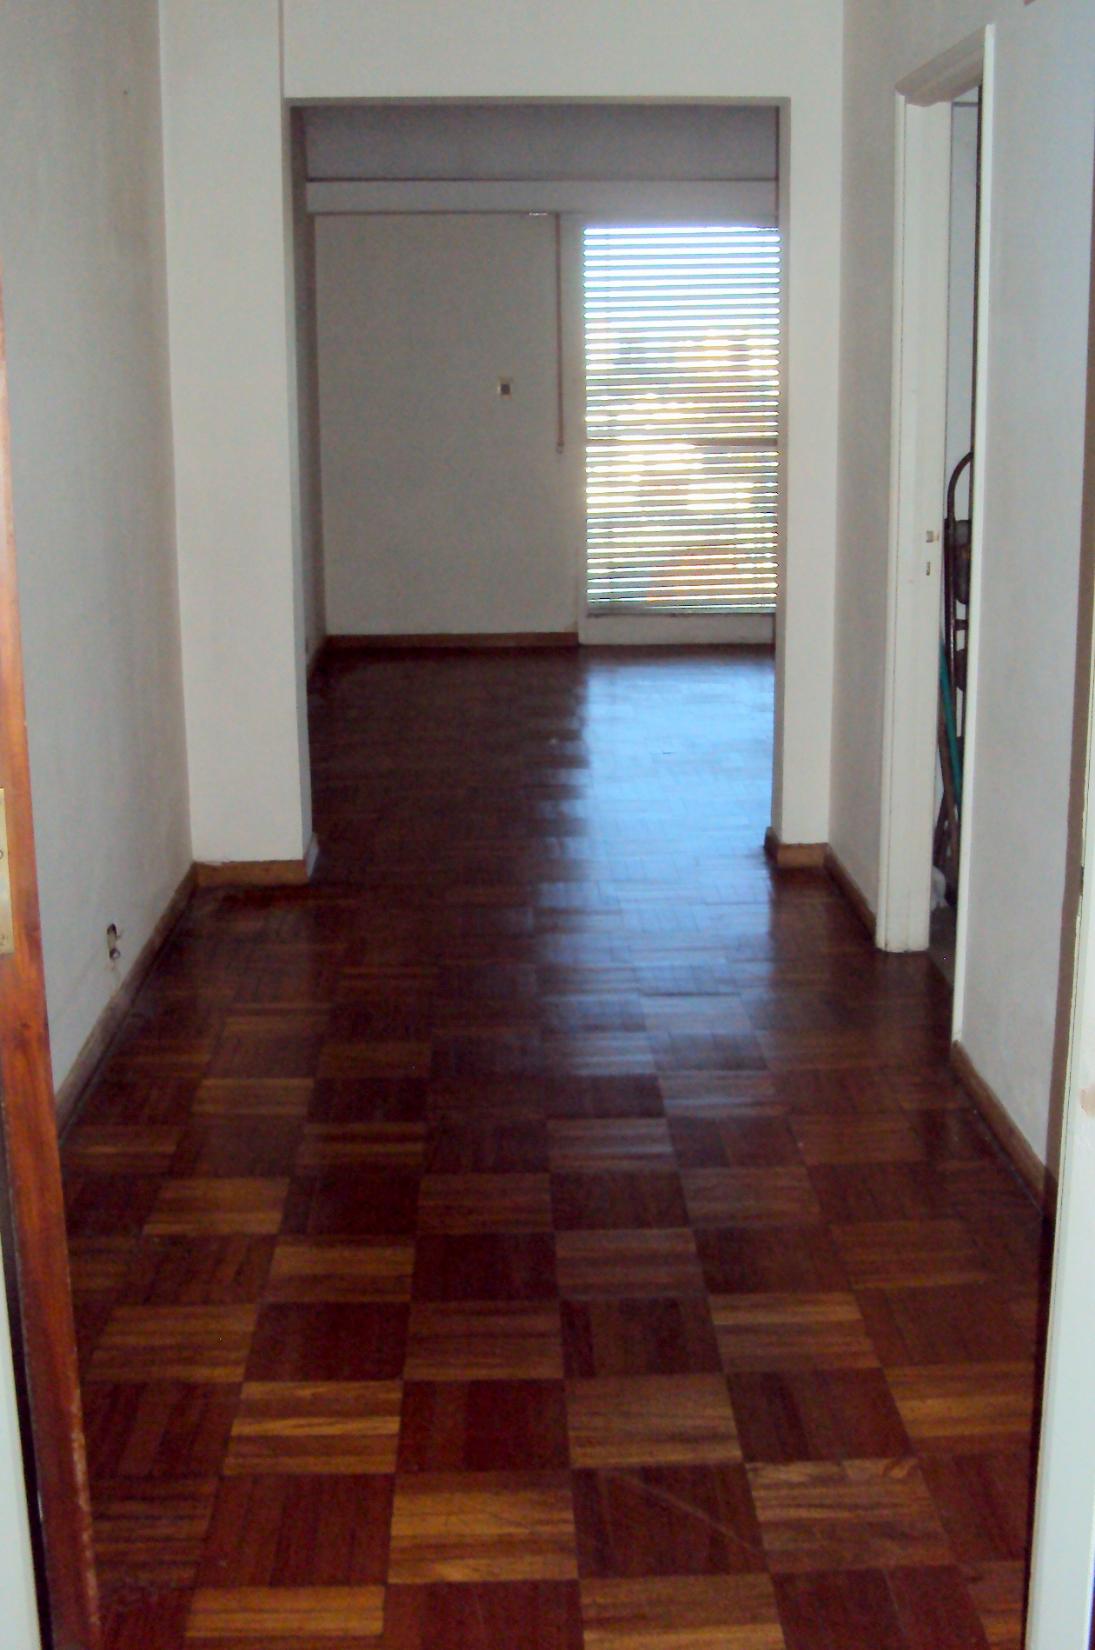 Amplio, para entrar - 112 mts - 3 dormitorios, 2 baños y gge, - POCITOS